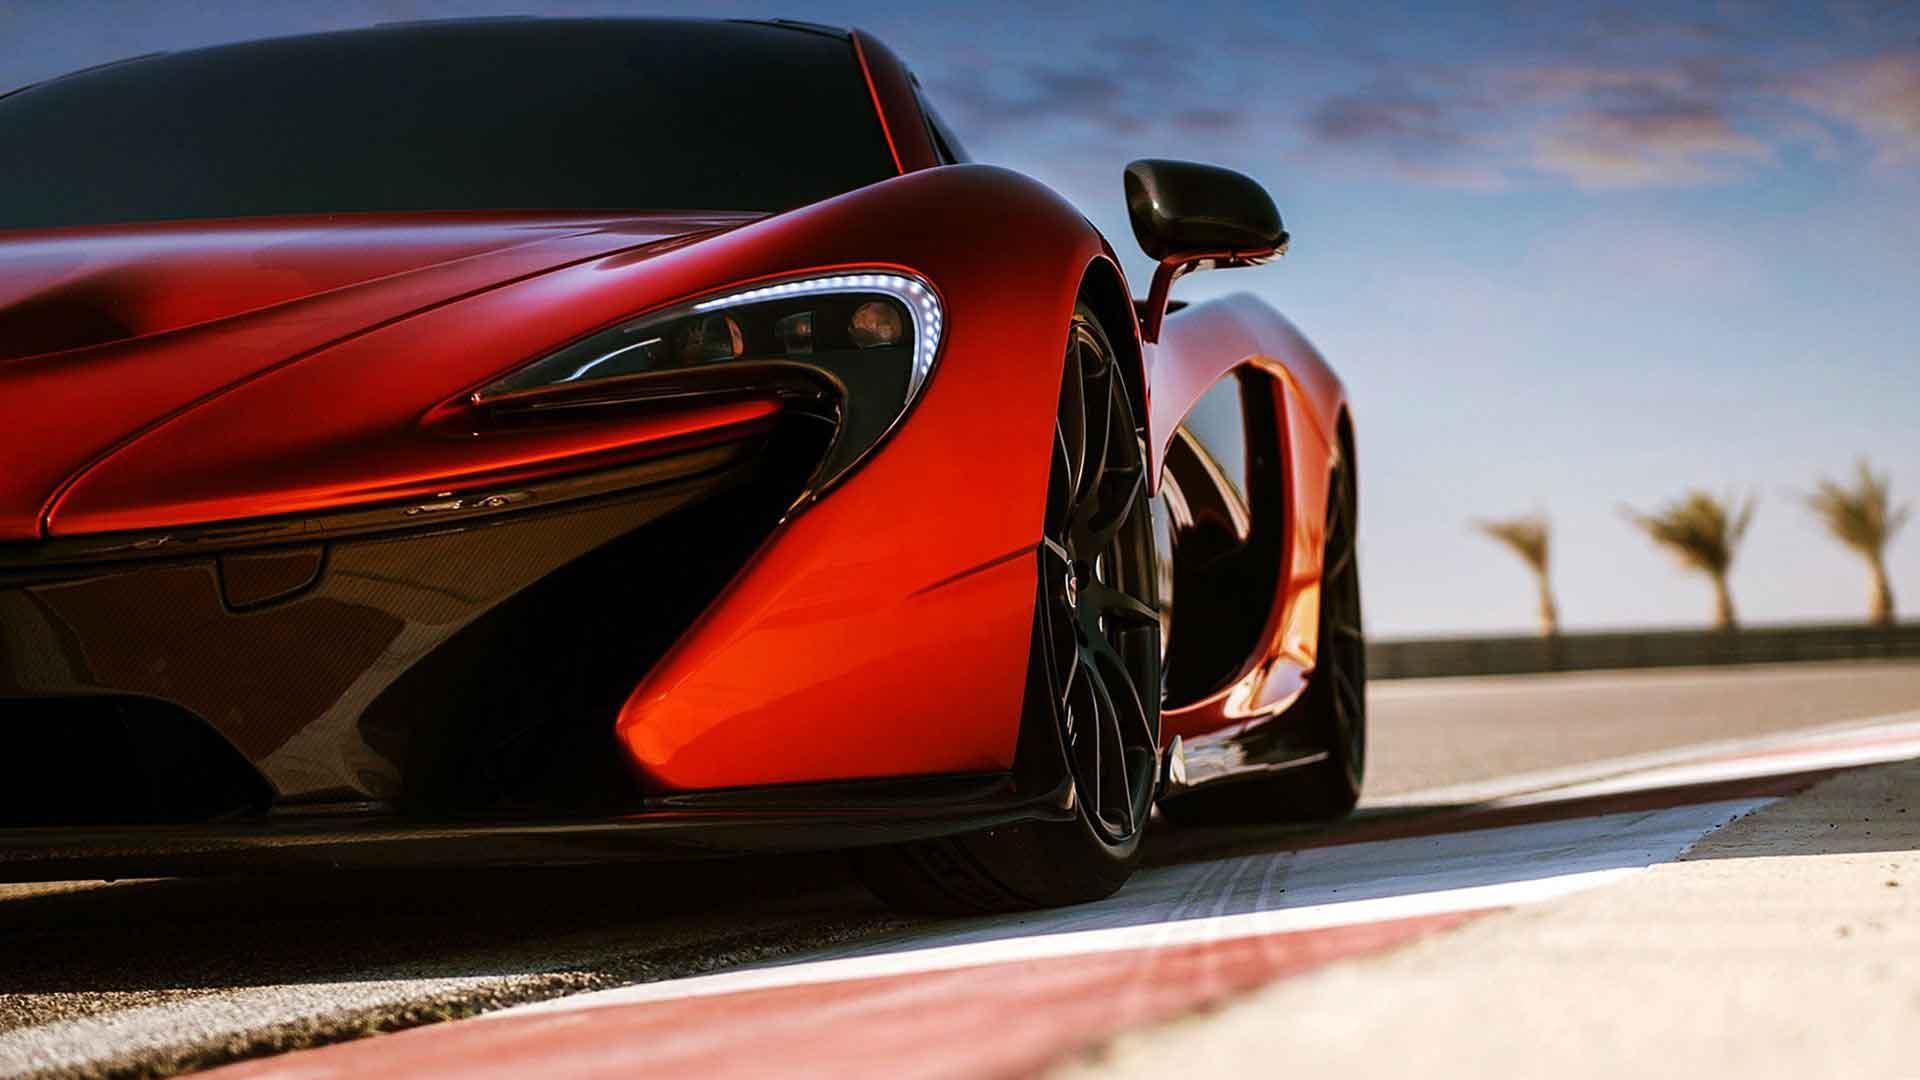 McLaren P1 – HD Wallpapers